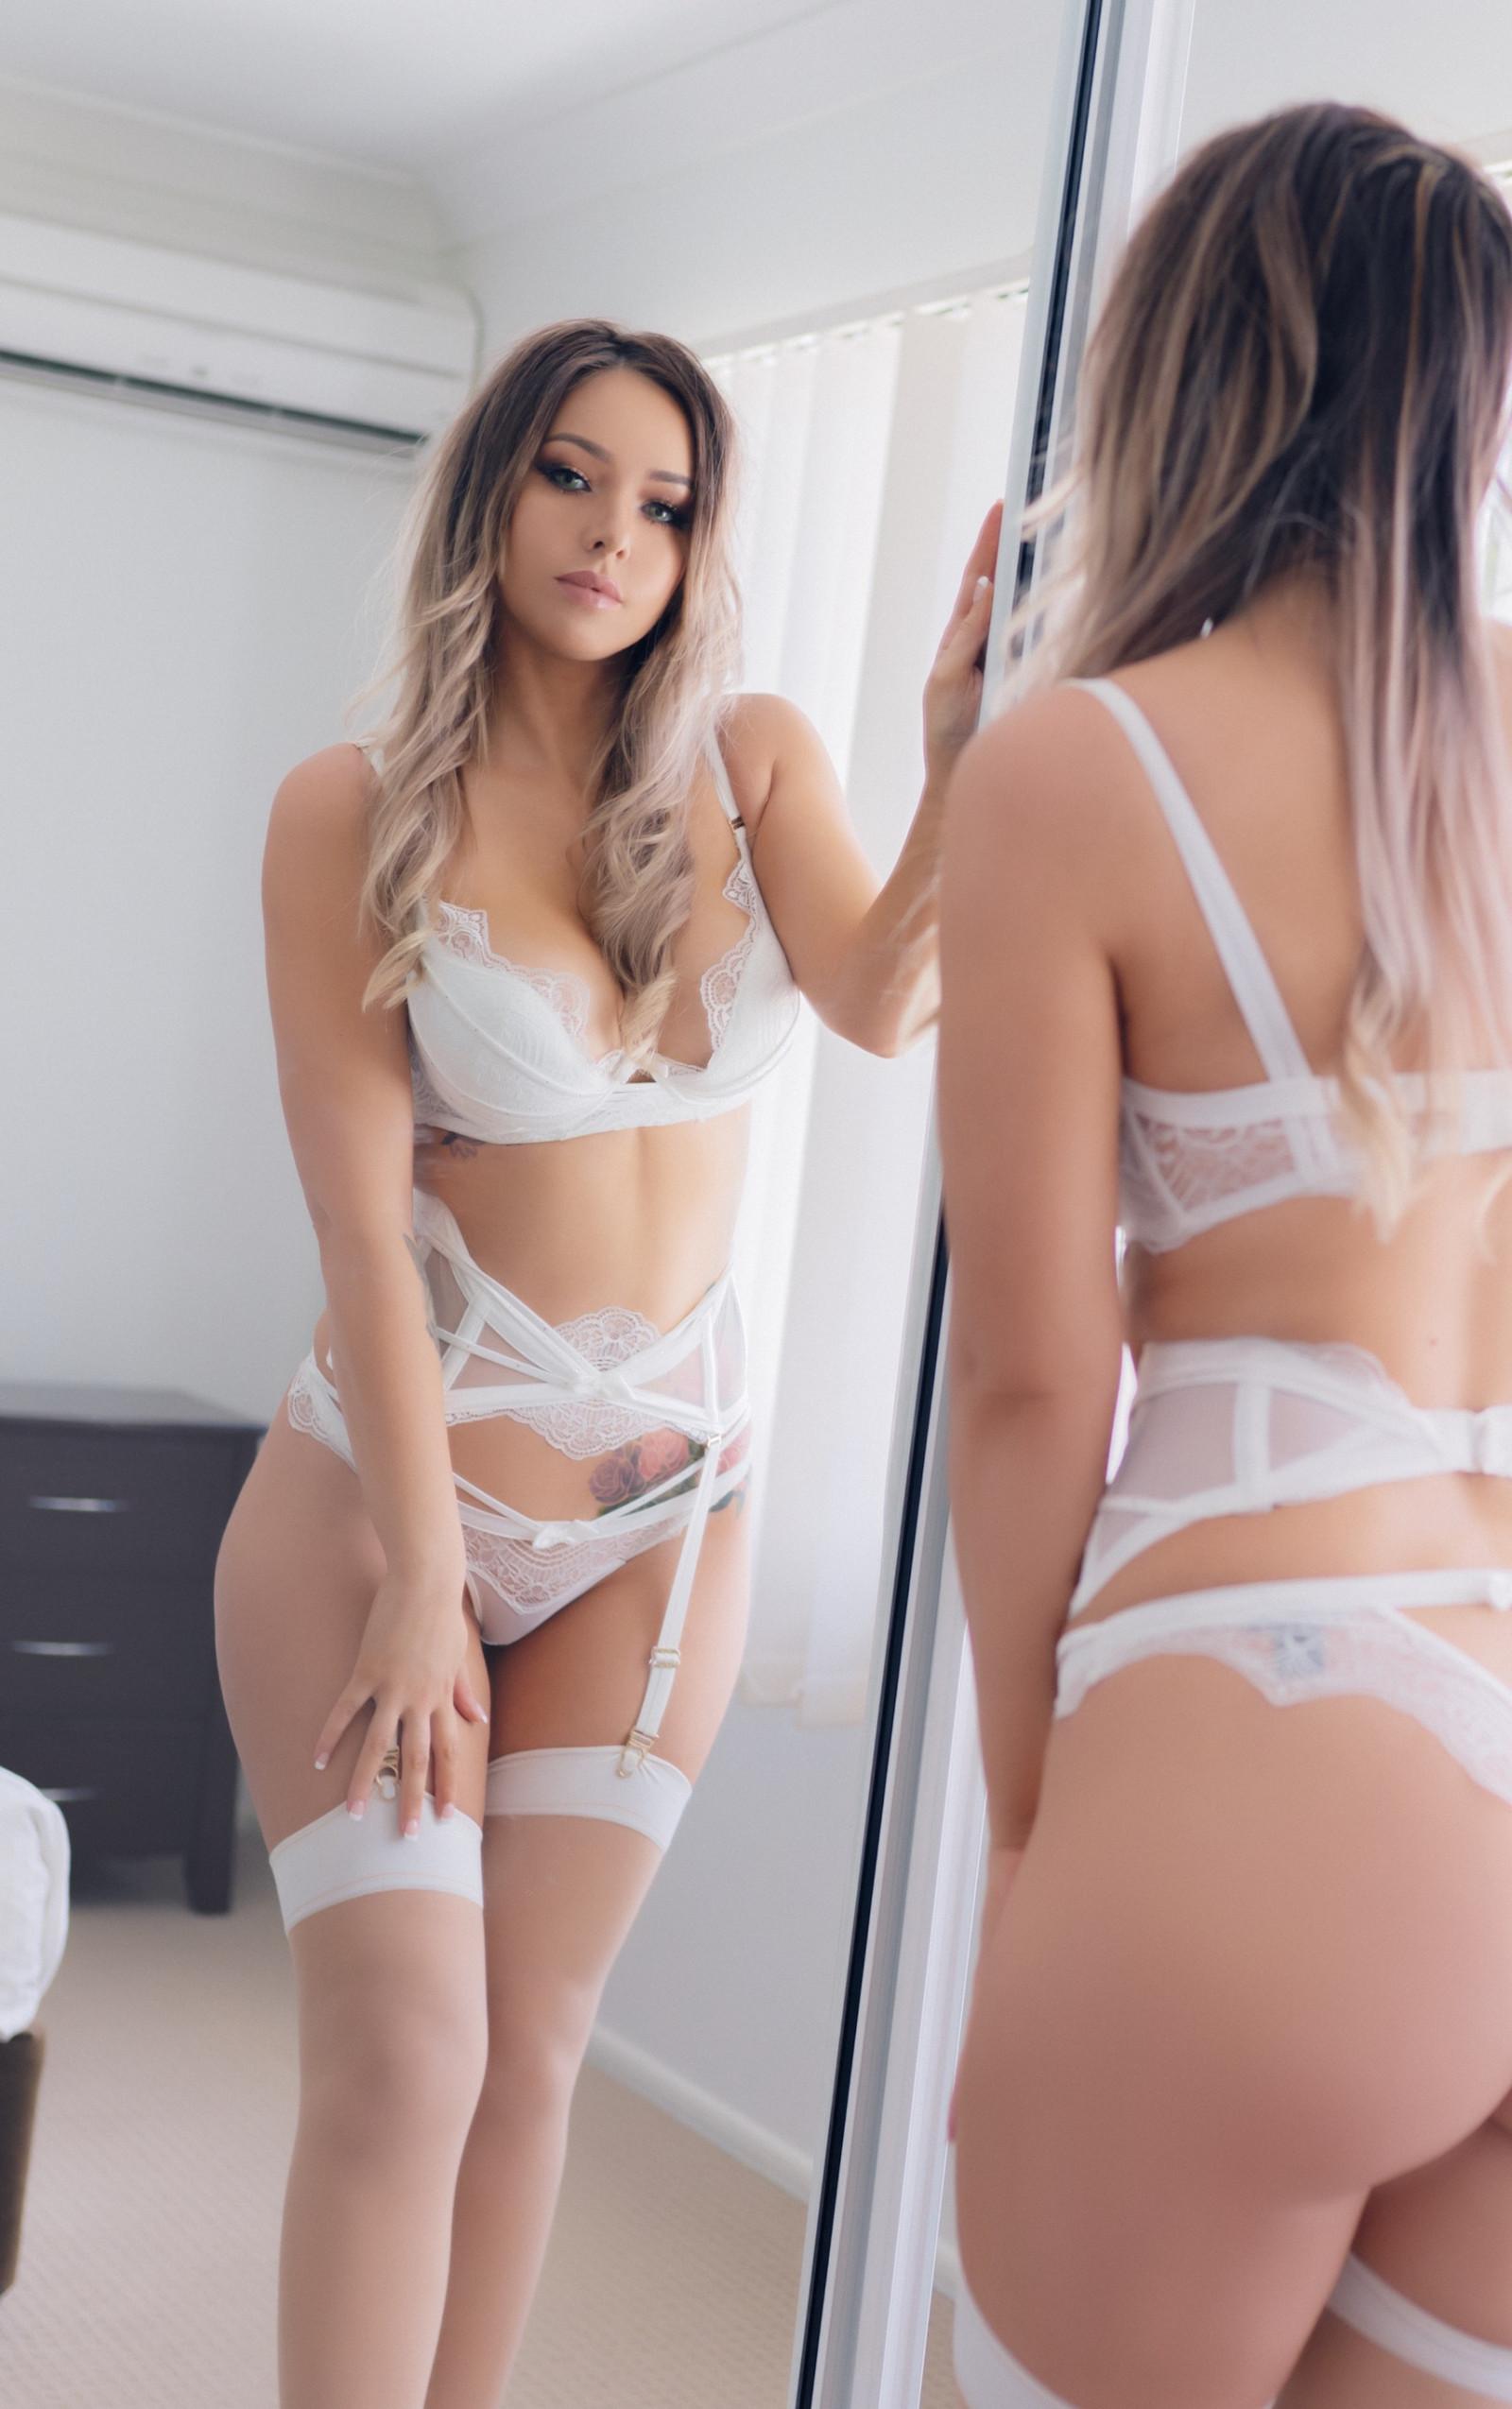 Wallpaper  Amy Thunderbolt, Model, Blonde, Long Hair -2679